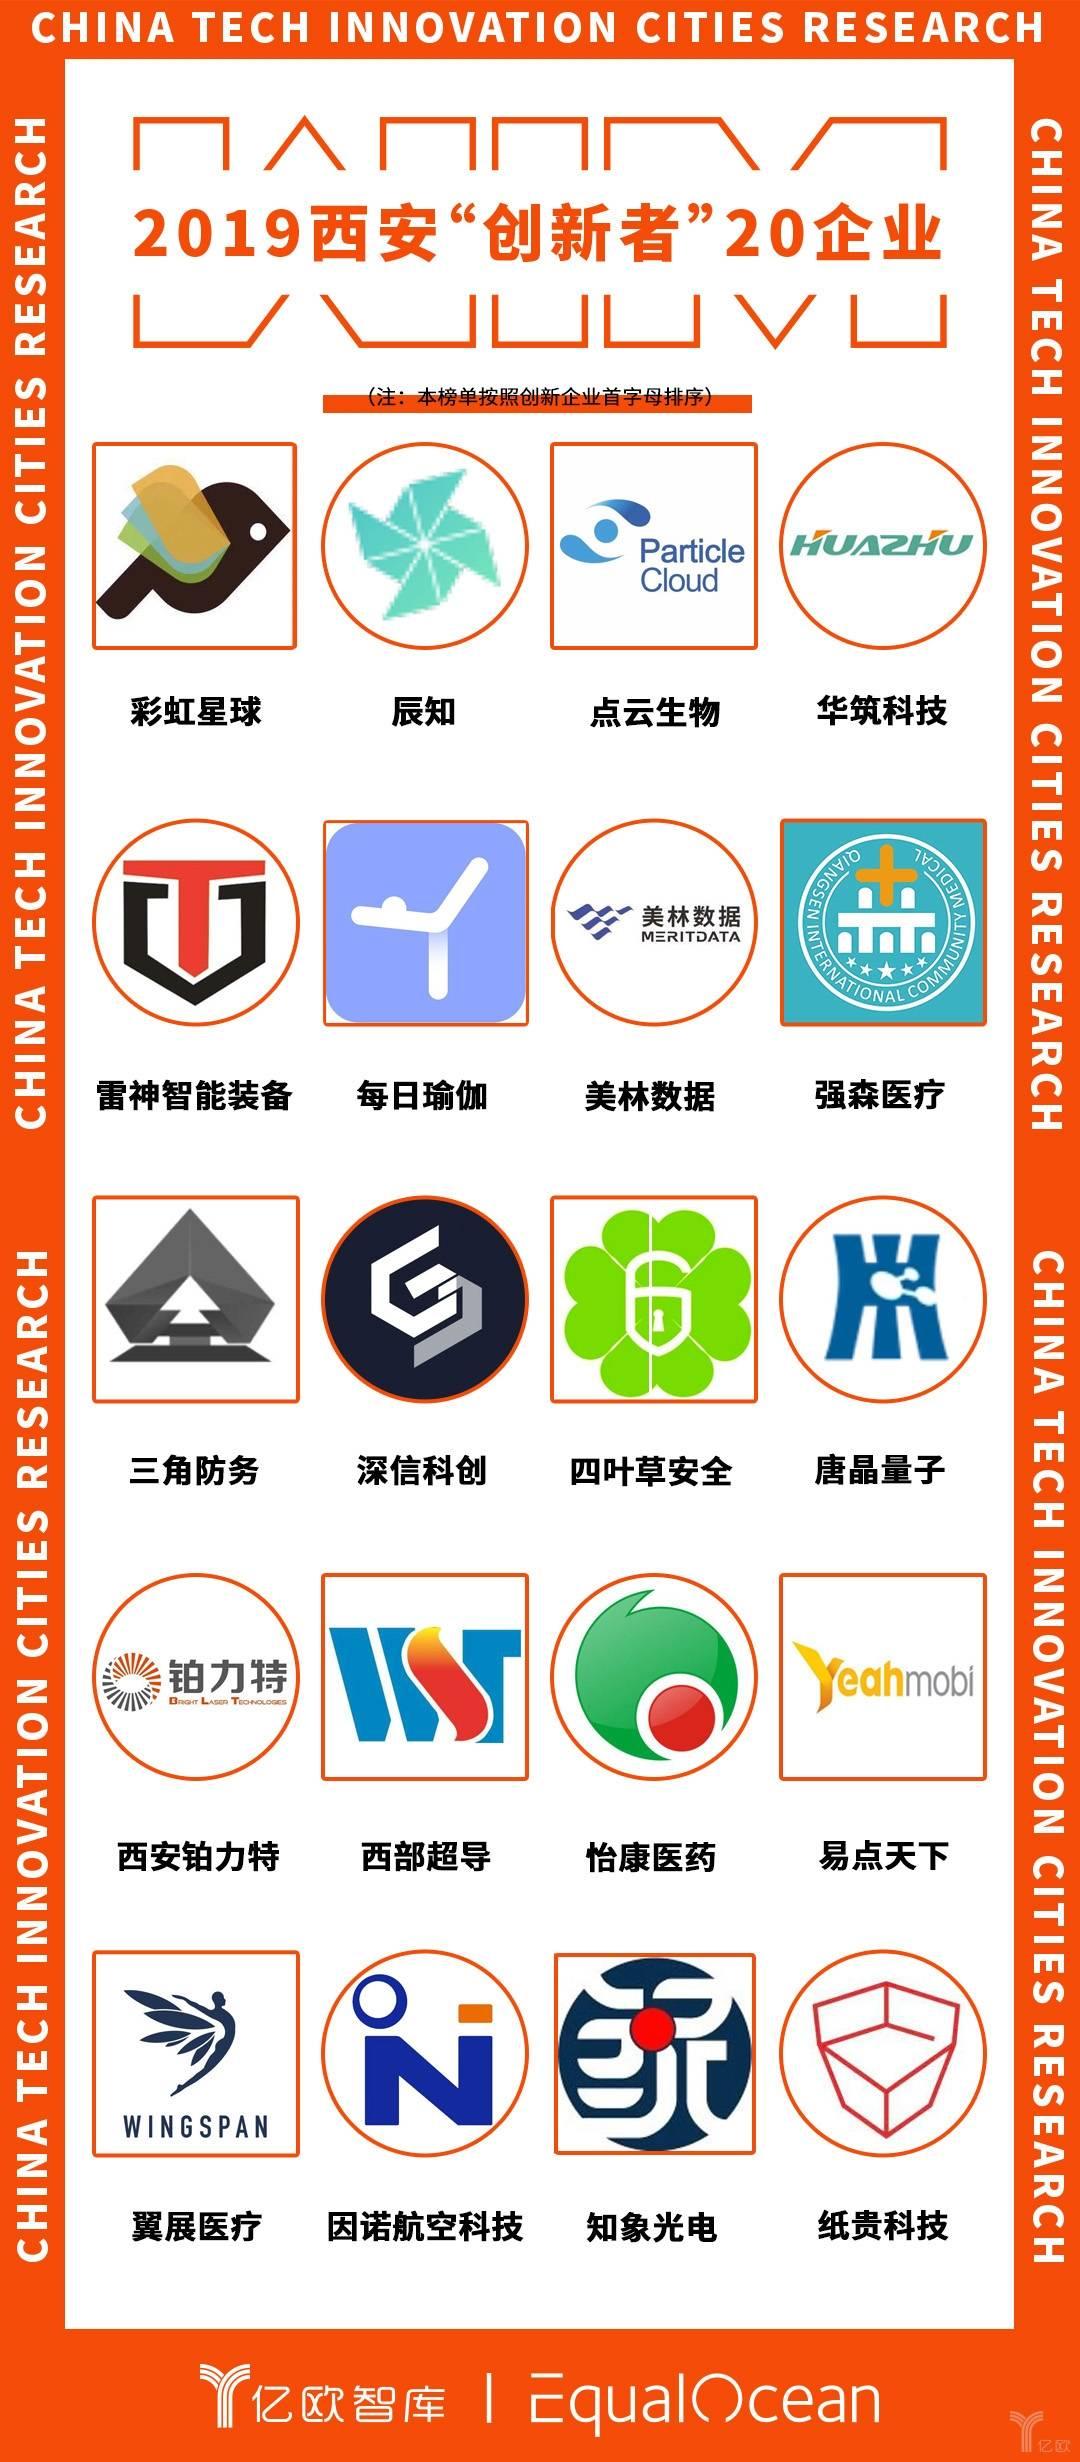 西安-榜单.jpg